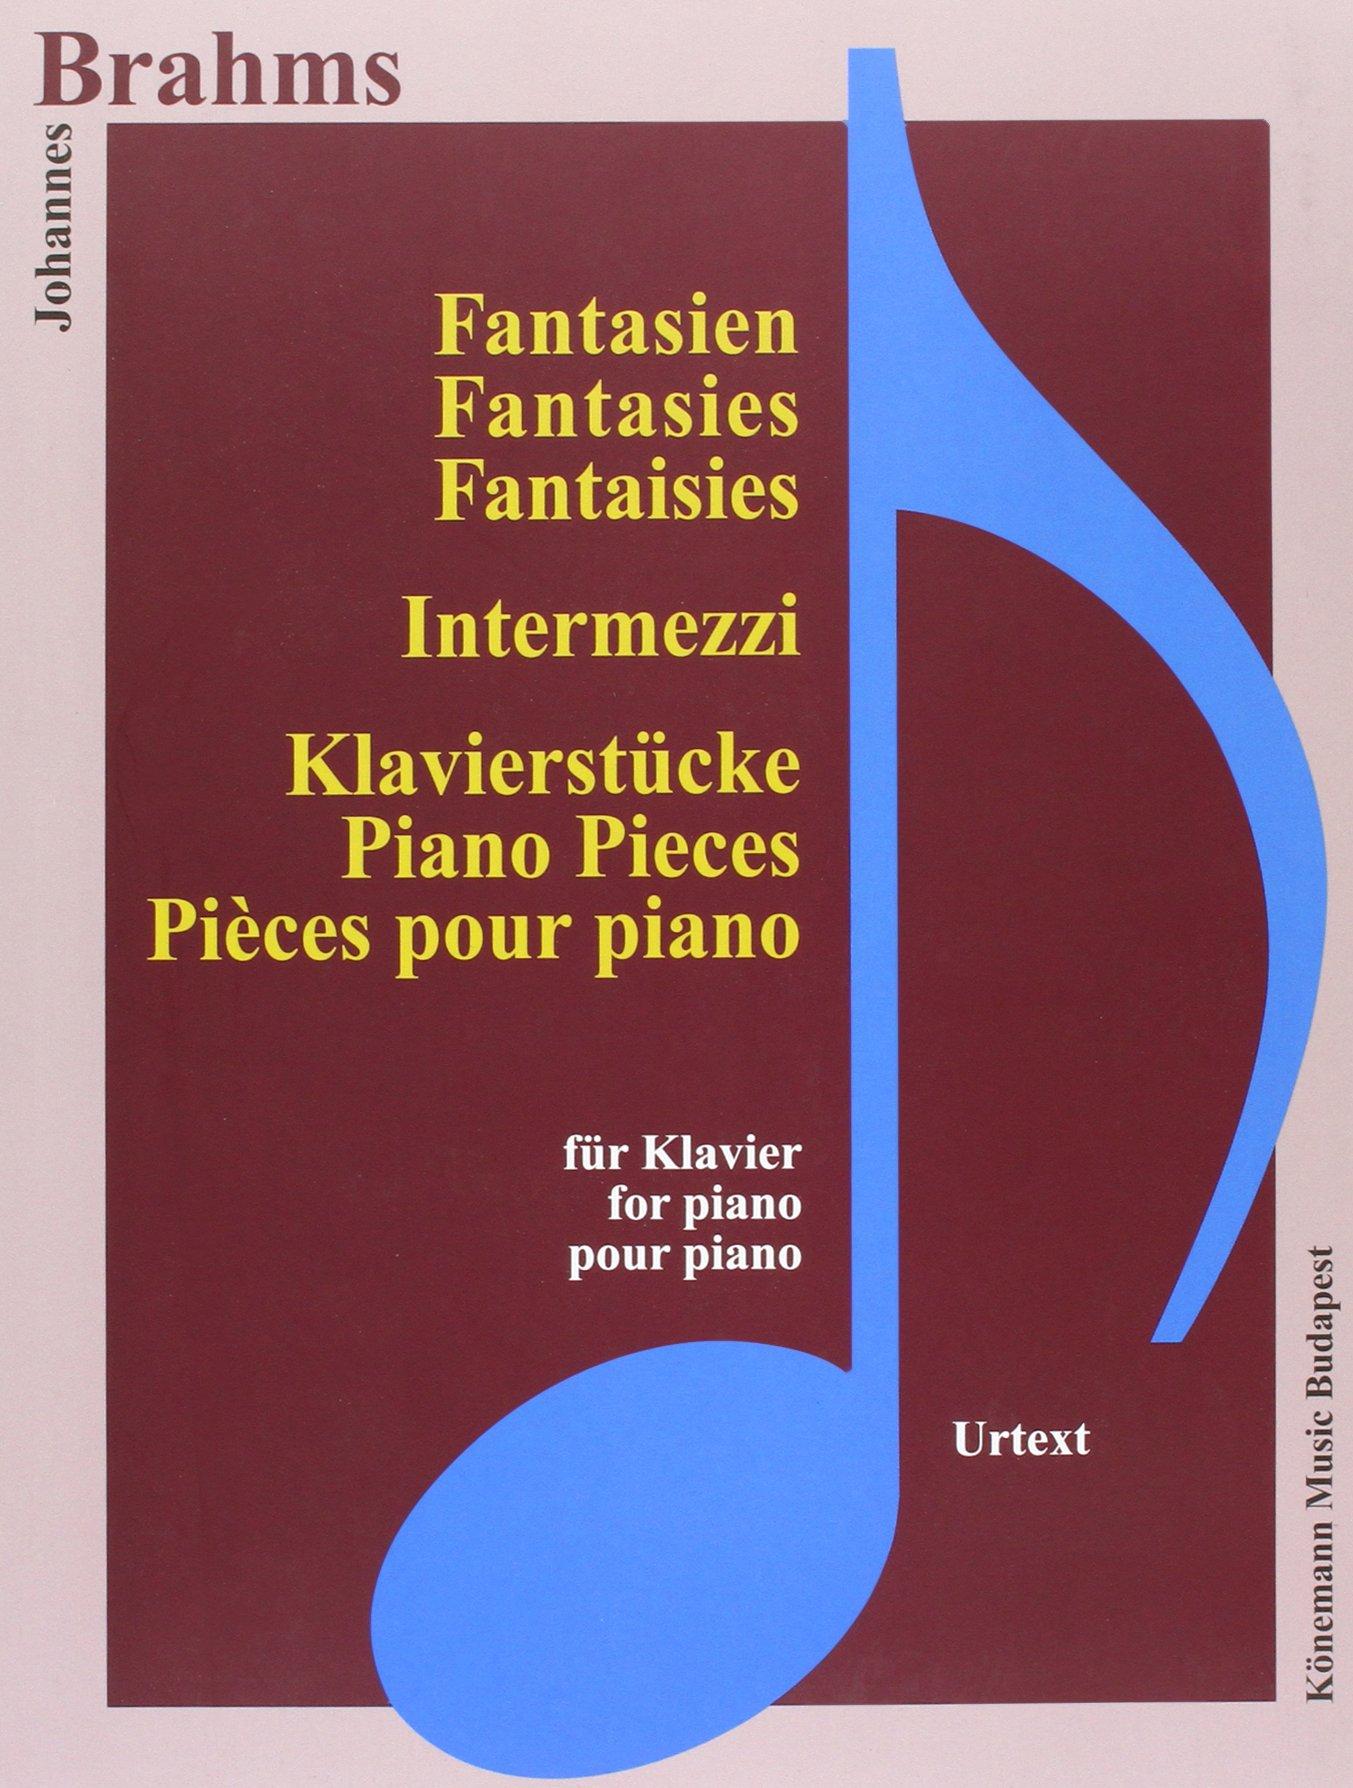 Brahms  Fantasien, Intermezzi und Klavierstucke